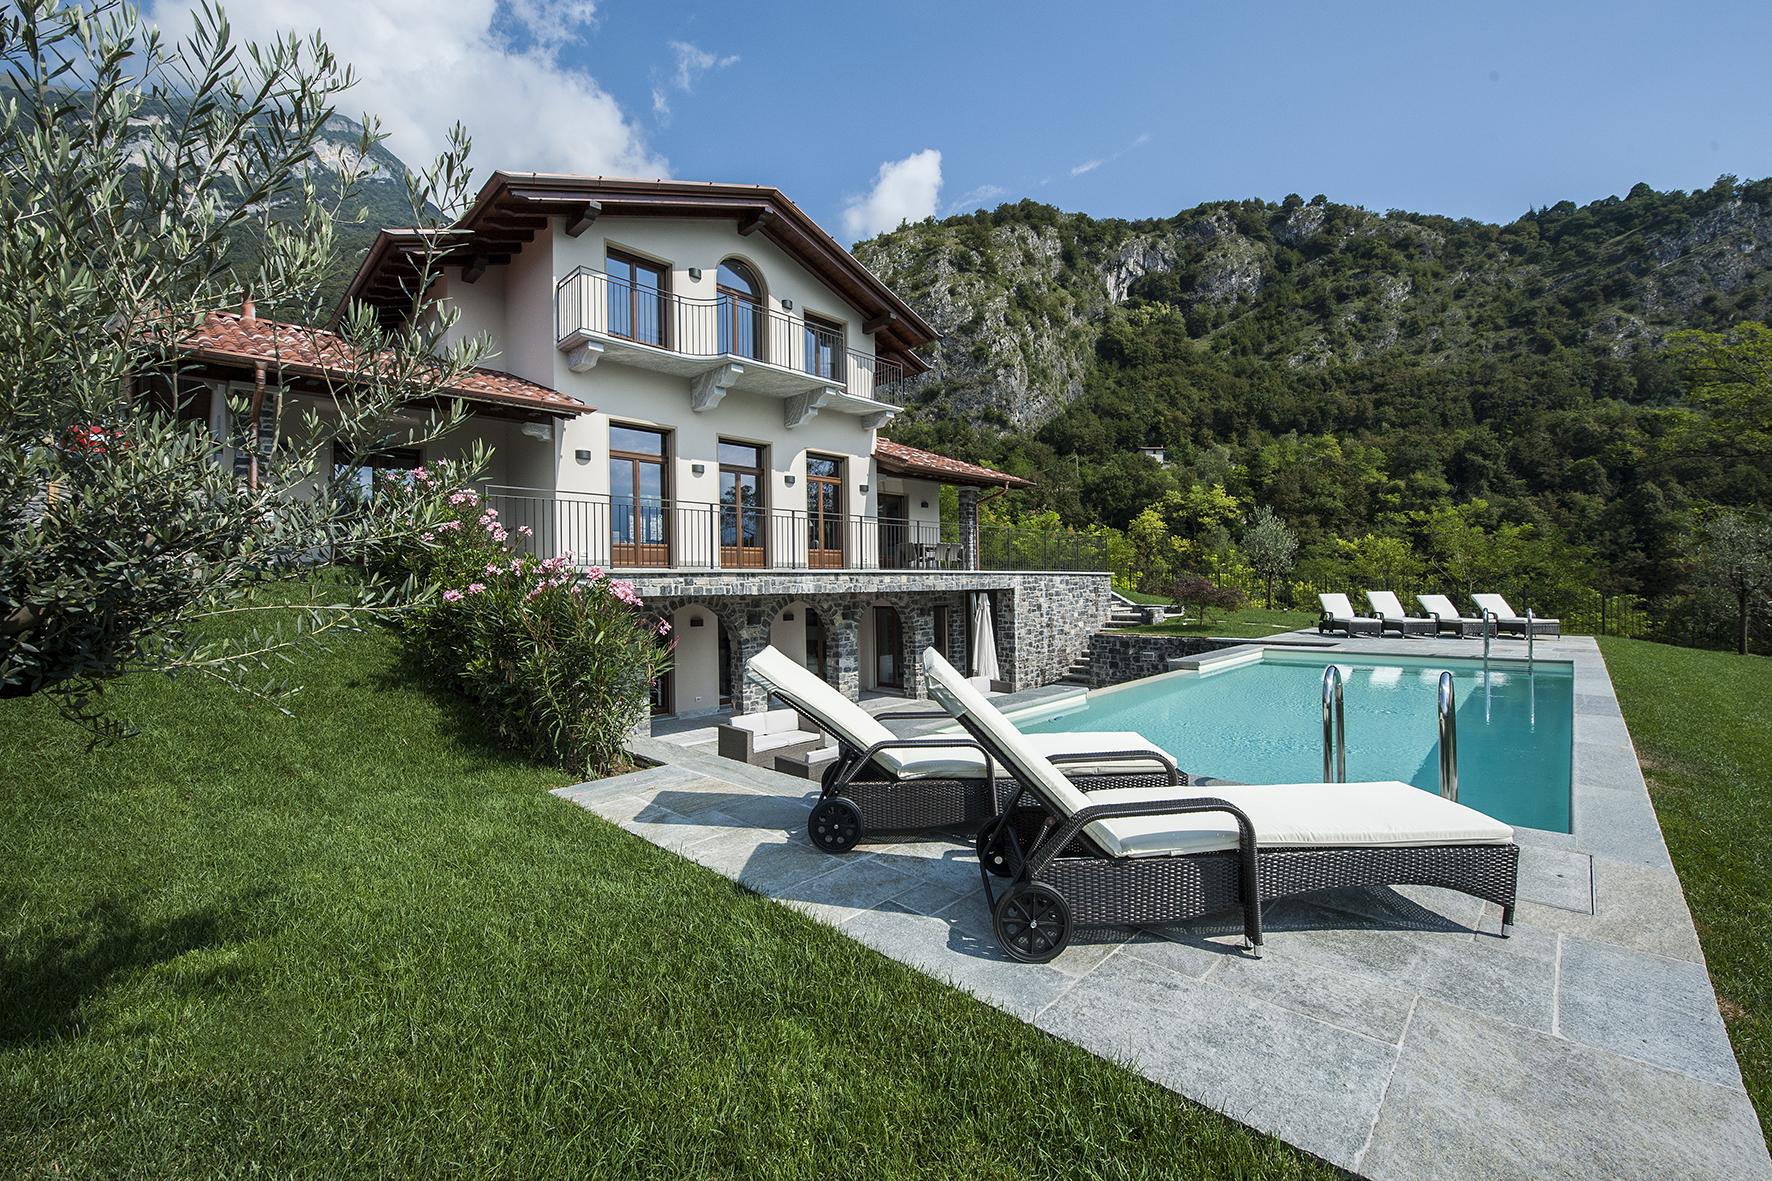 Comer See Tremezzo freistehende Villa mit Schwimmbad, Garten und Seeblick